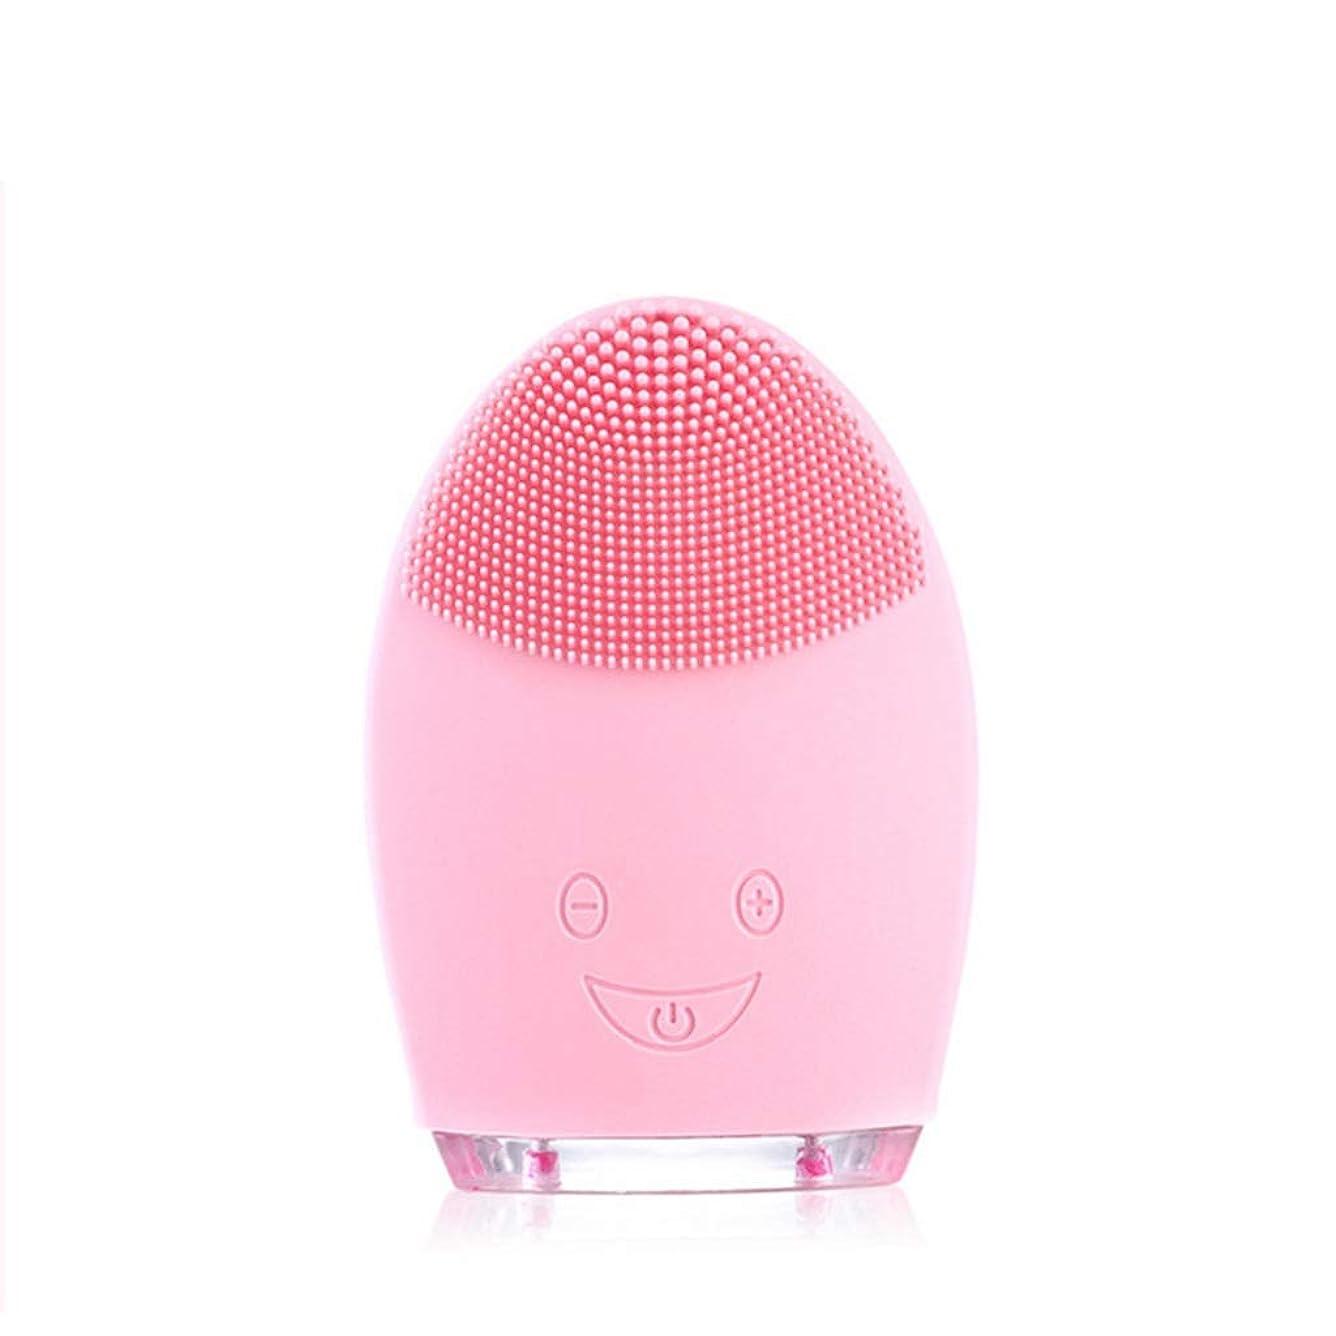 脈拍スパン少ないソニッククレンジングブラシマッサージャー、防水シリコーンクレンザーディープクレンジングスキンケア電気クレンザー、充電式電動シリコーン剥離クレンジングブラシ (Color : Pink)